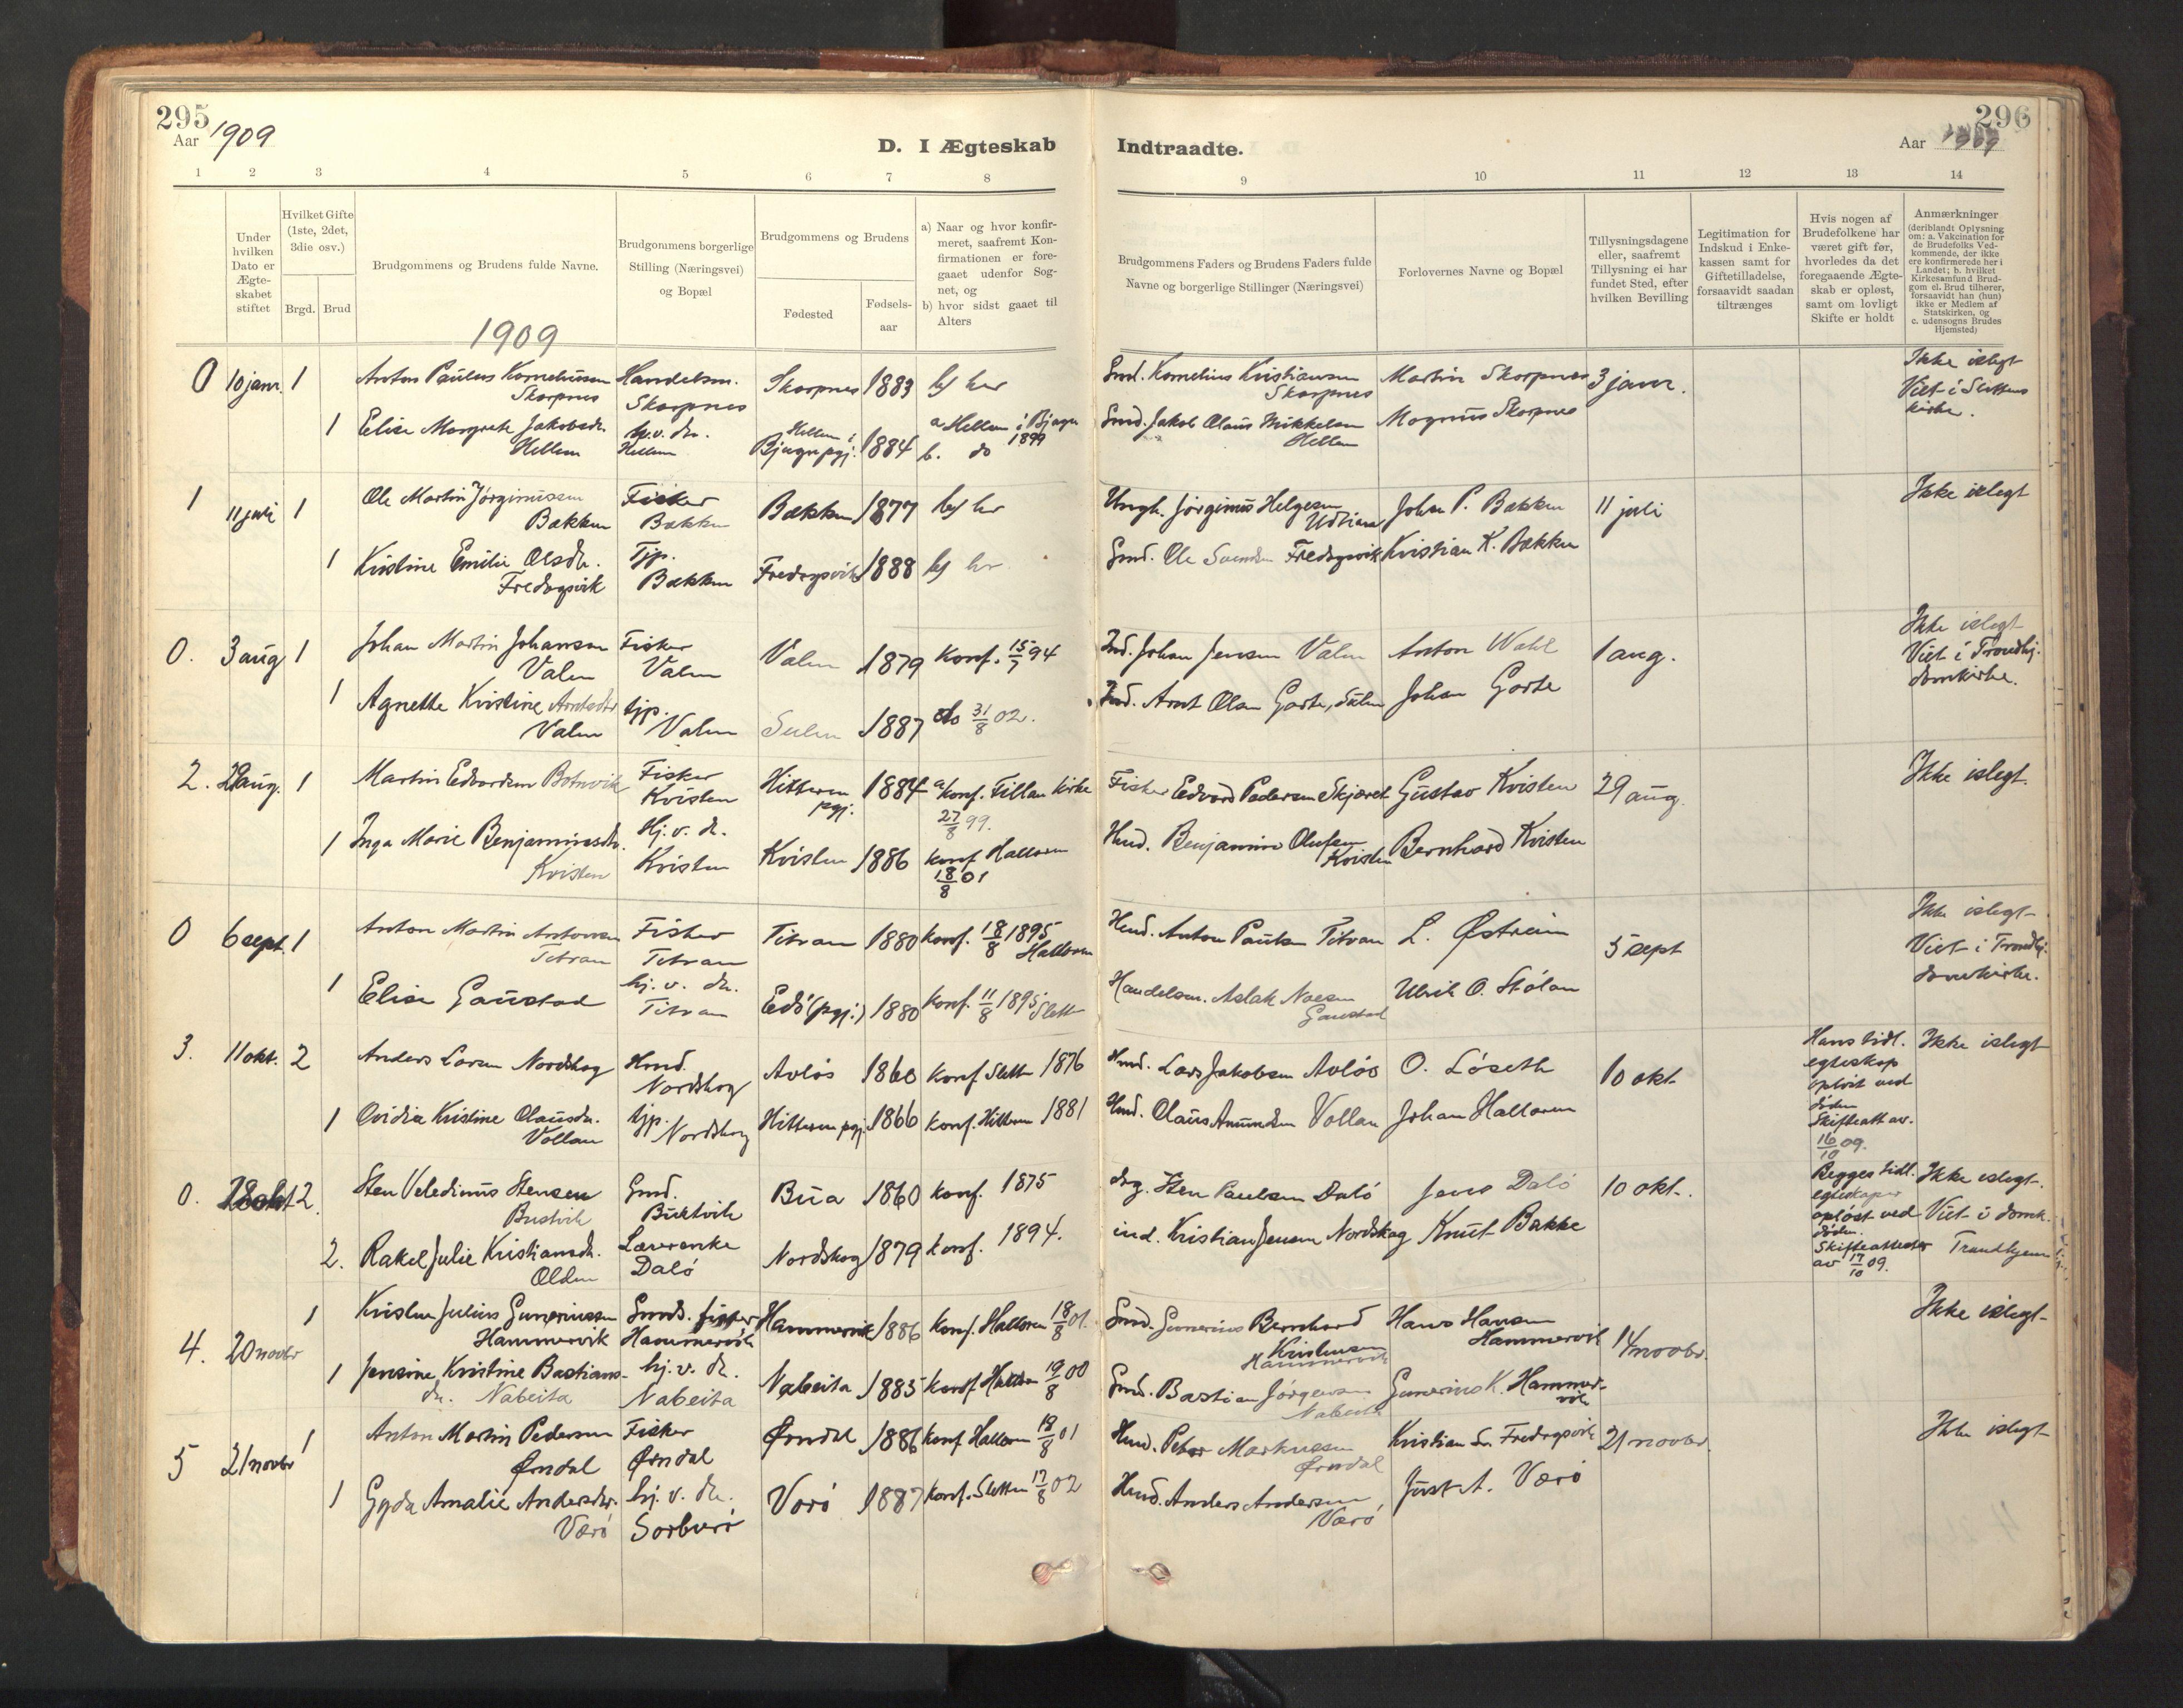 SAT, Ministerialprotokoller, klokkerbøker og fødselsregistre - Sør-Trøndelag, 641/L0596: Ministerialbok nr. 641A02, 1898-1915, s. 295-296